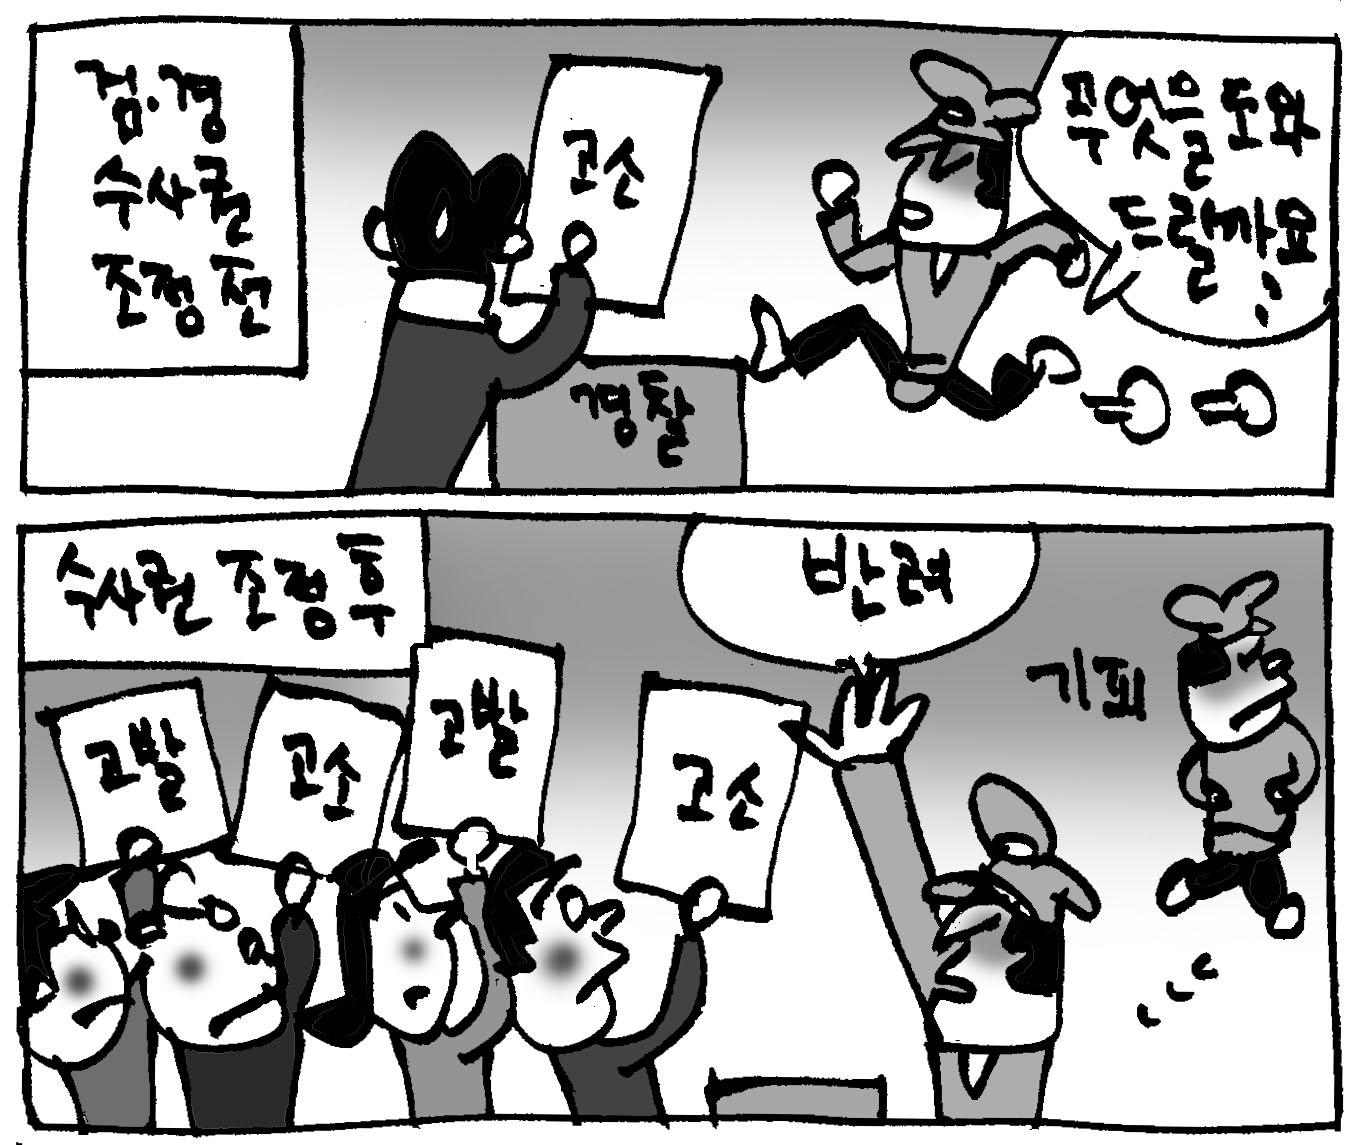 """사건 골라 받는 경찰… 법조계 """"책임수사 실종"""" 비판"""